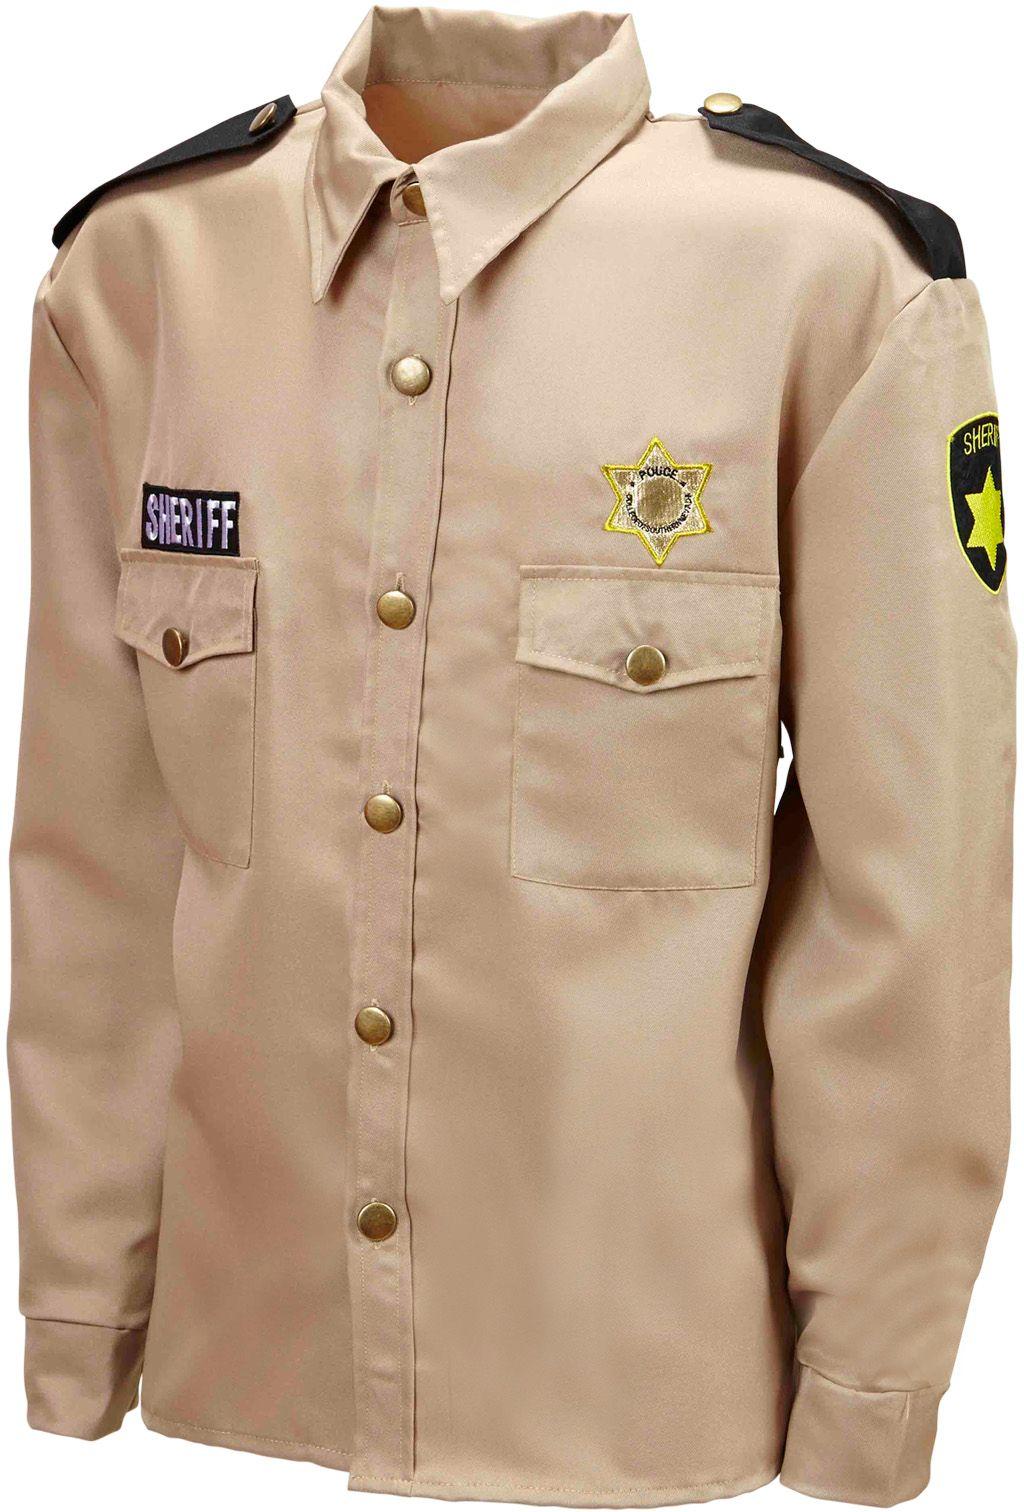 Beige Sheriff blouse